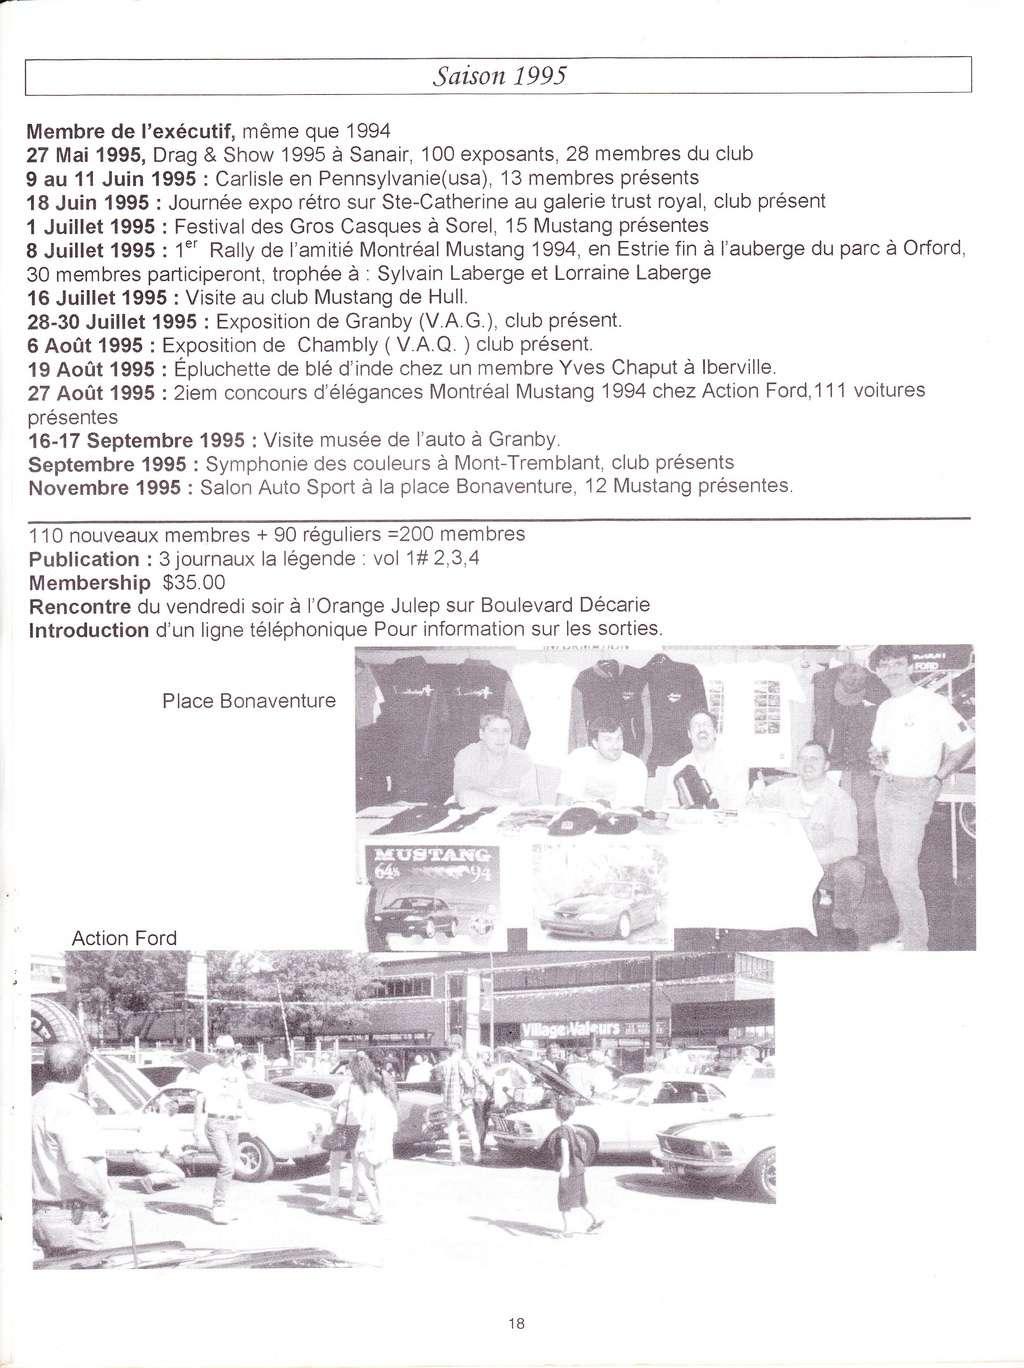 Montréal Mustang dans le temps! 1981 à aujourd'hui (Histoire en photos) La_lyg55